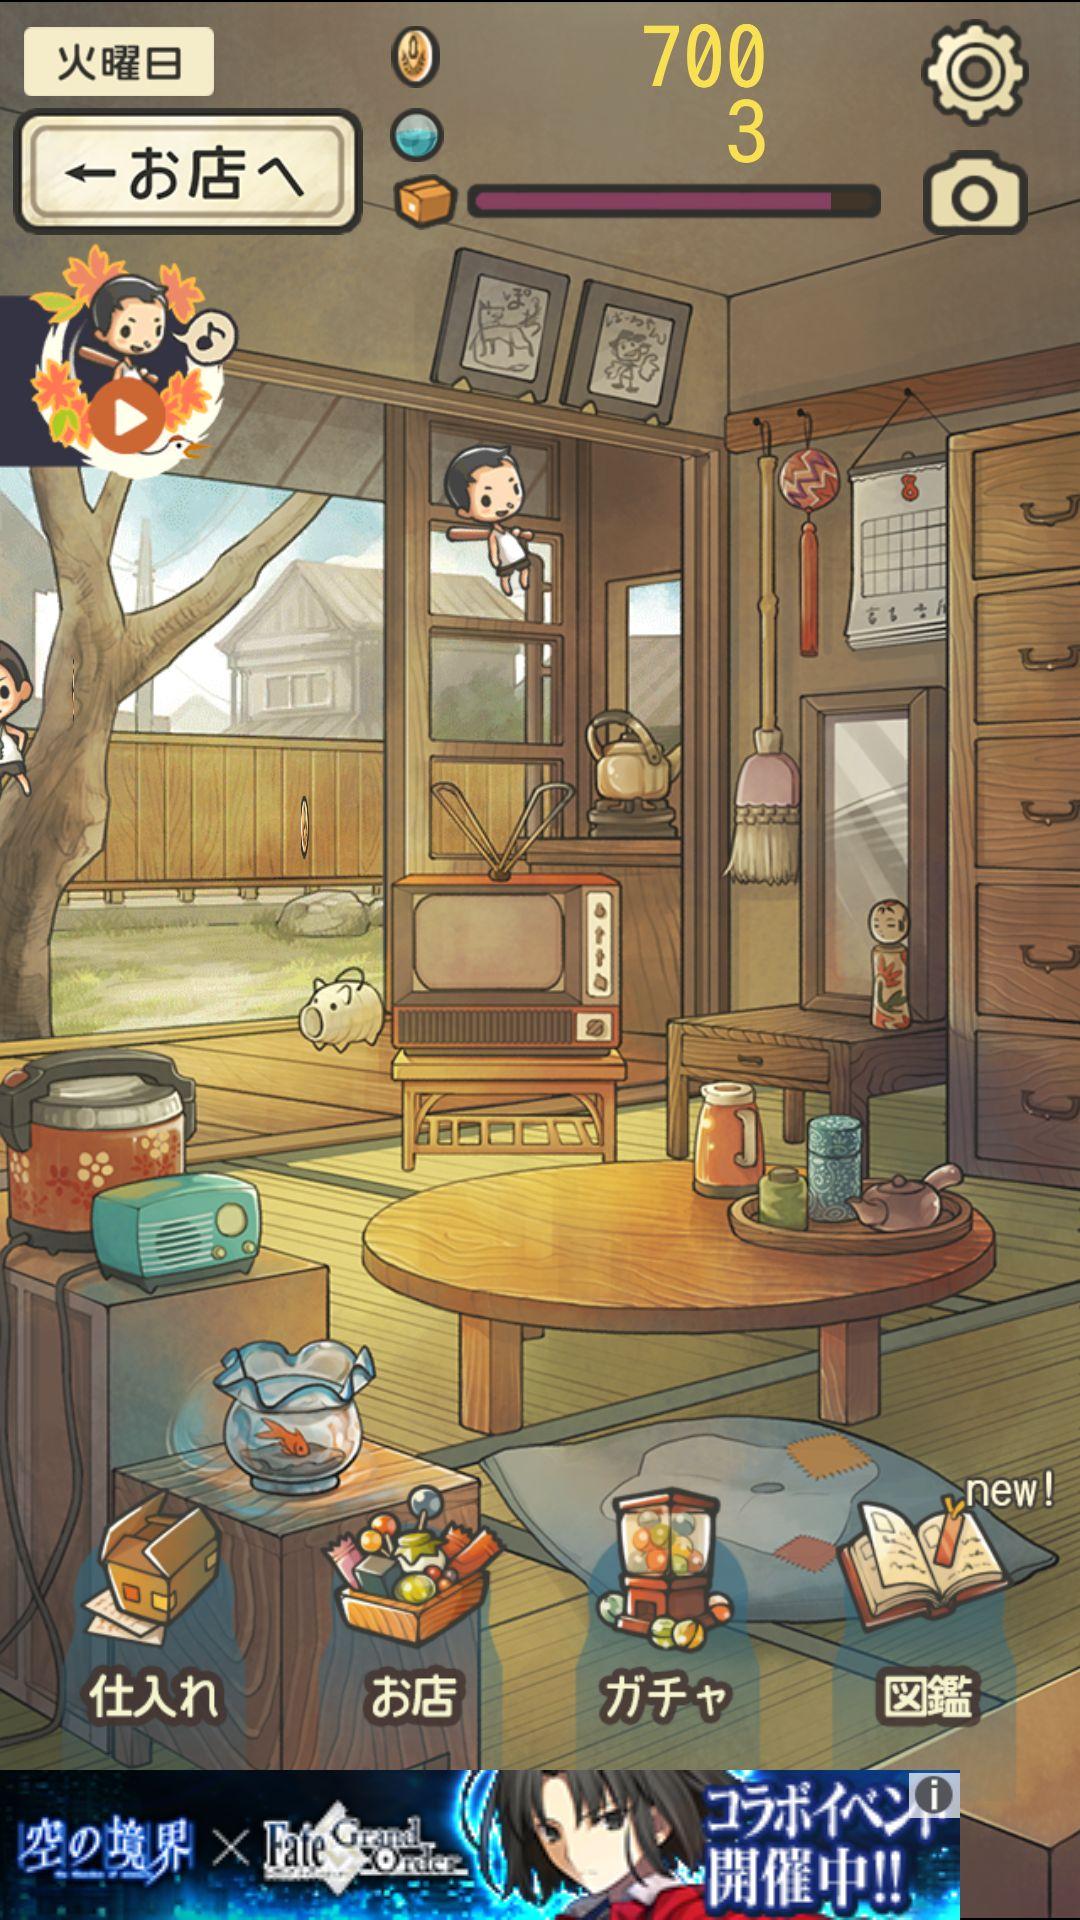 昭和駄菓子屋物語2 androidアプリスクリーンショット3